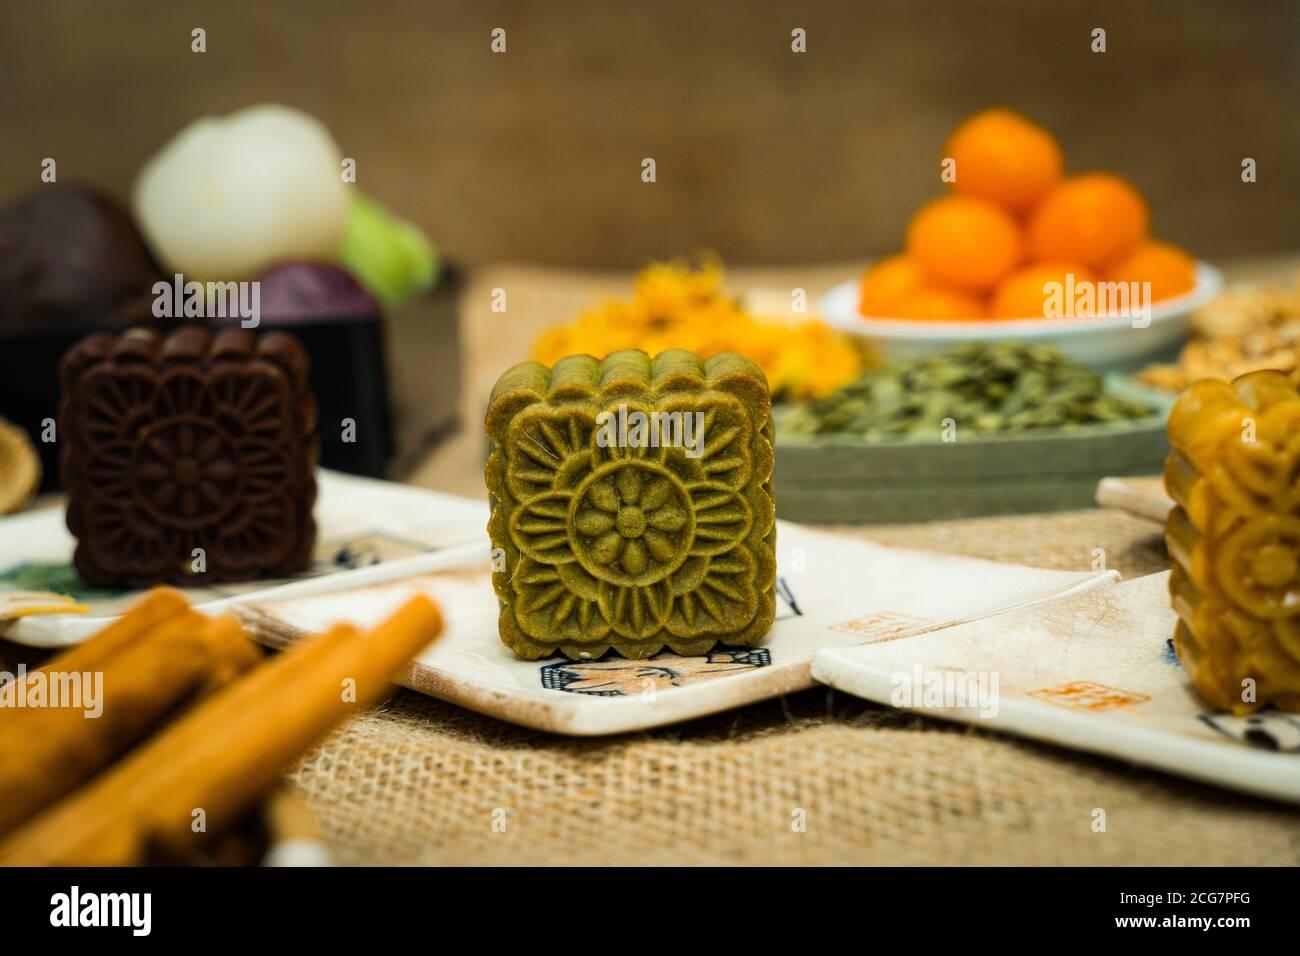 Pastel de luna de mediados de otoño, comida colorida y bebida sobre fondo de las erucas. Viaje, vacaciones, concepto de comida Foto de stock